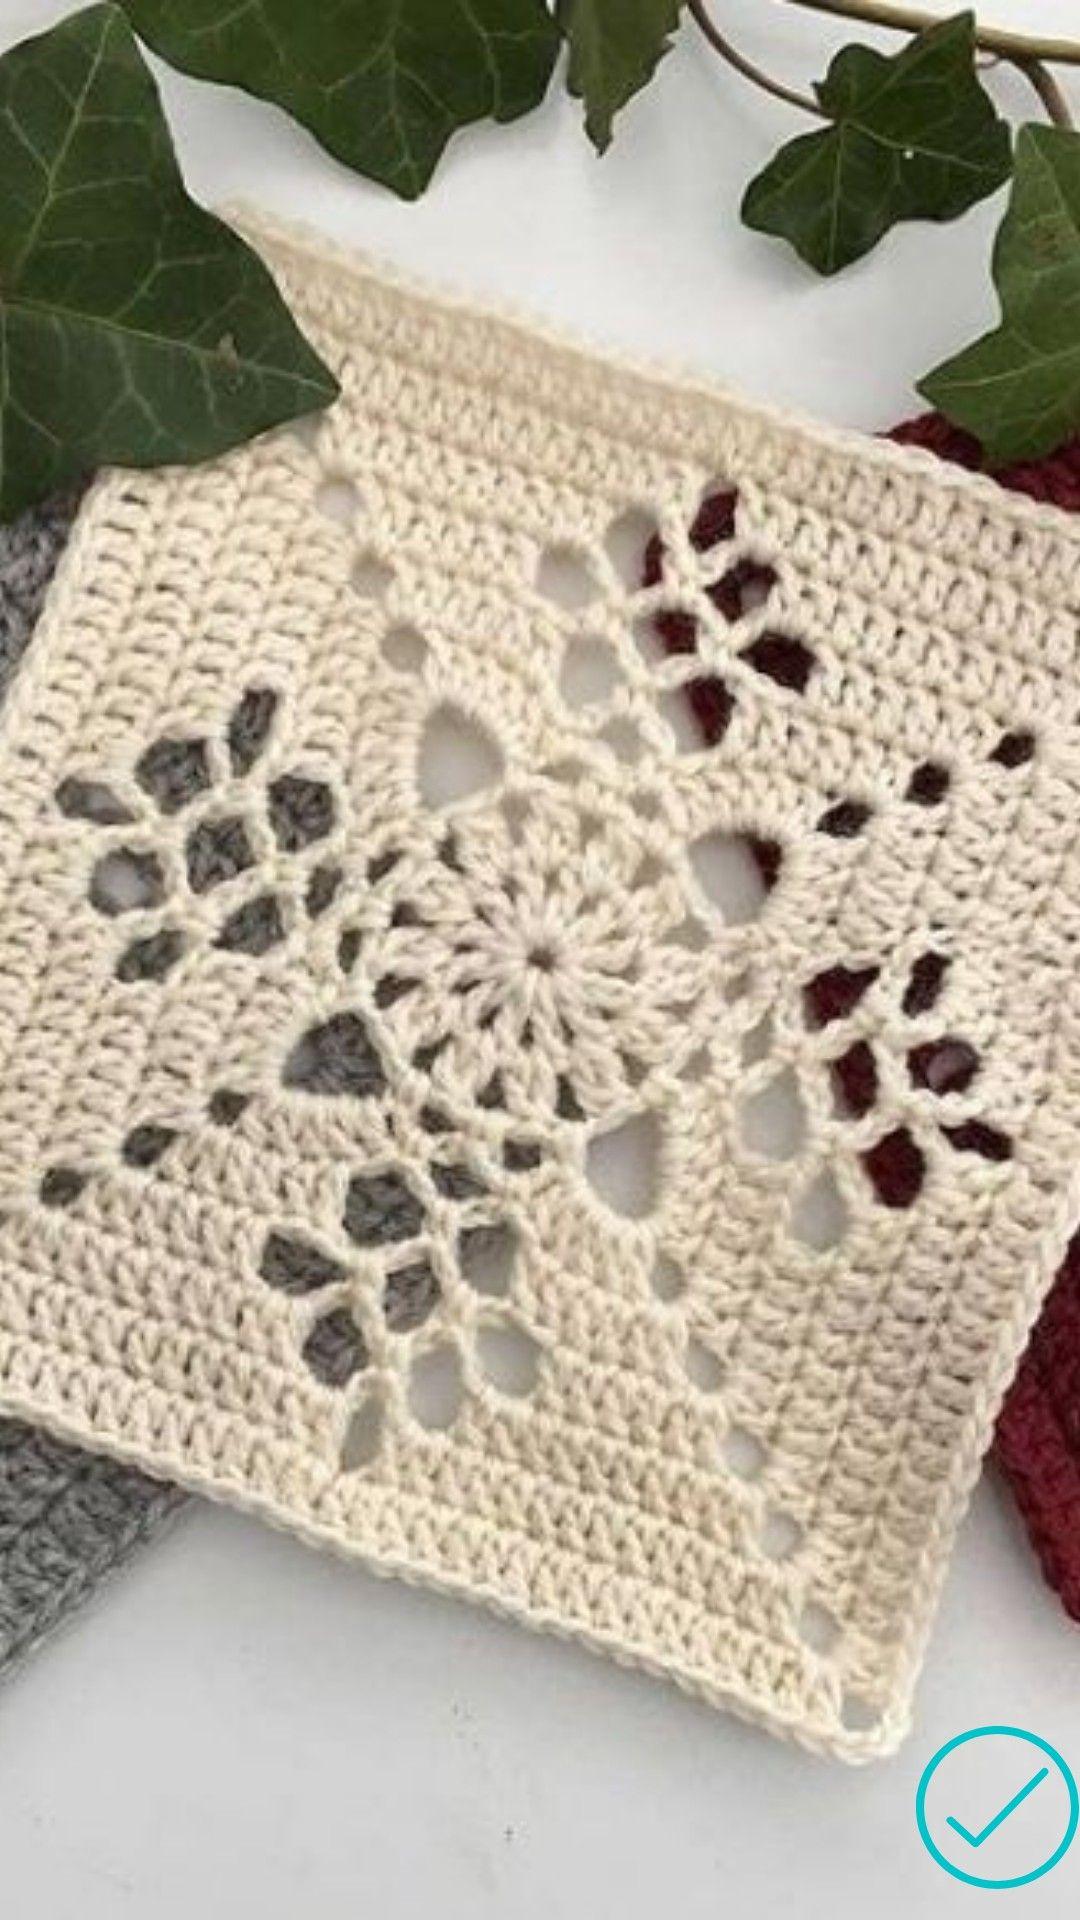 Artesanato Amigurumi Crochê Quadrados De Croche Tapete De Crochê Padrões De Quadrados De Crochê